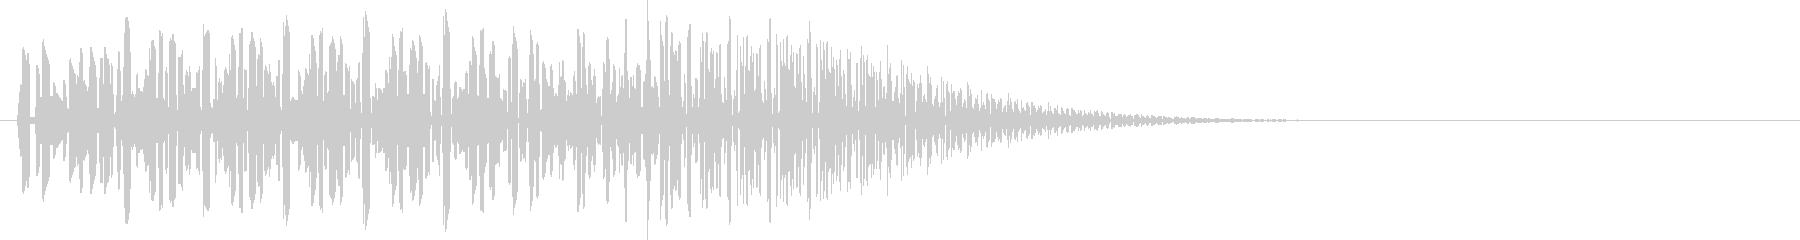 ビコッ(決定音)の未再生の波形